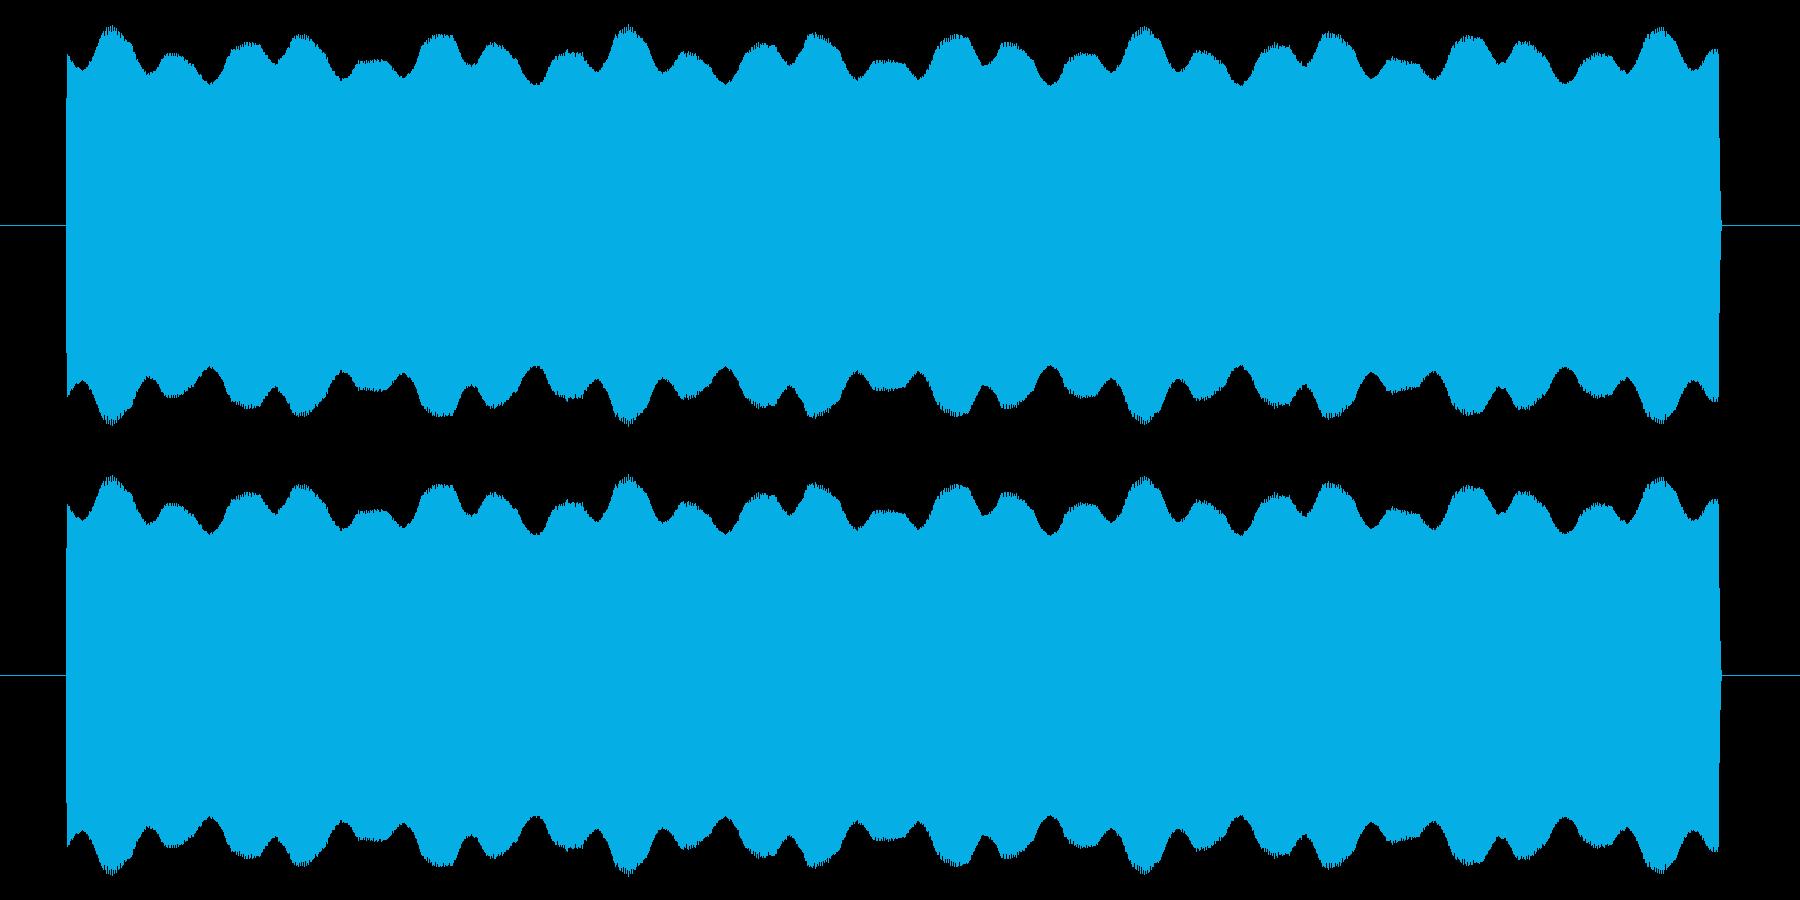 アーケード シューティング01-5(LFの再生済みの波形